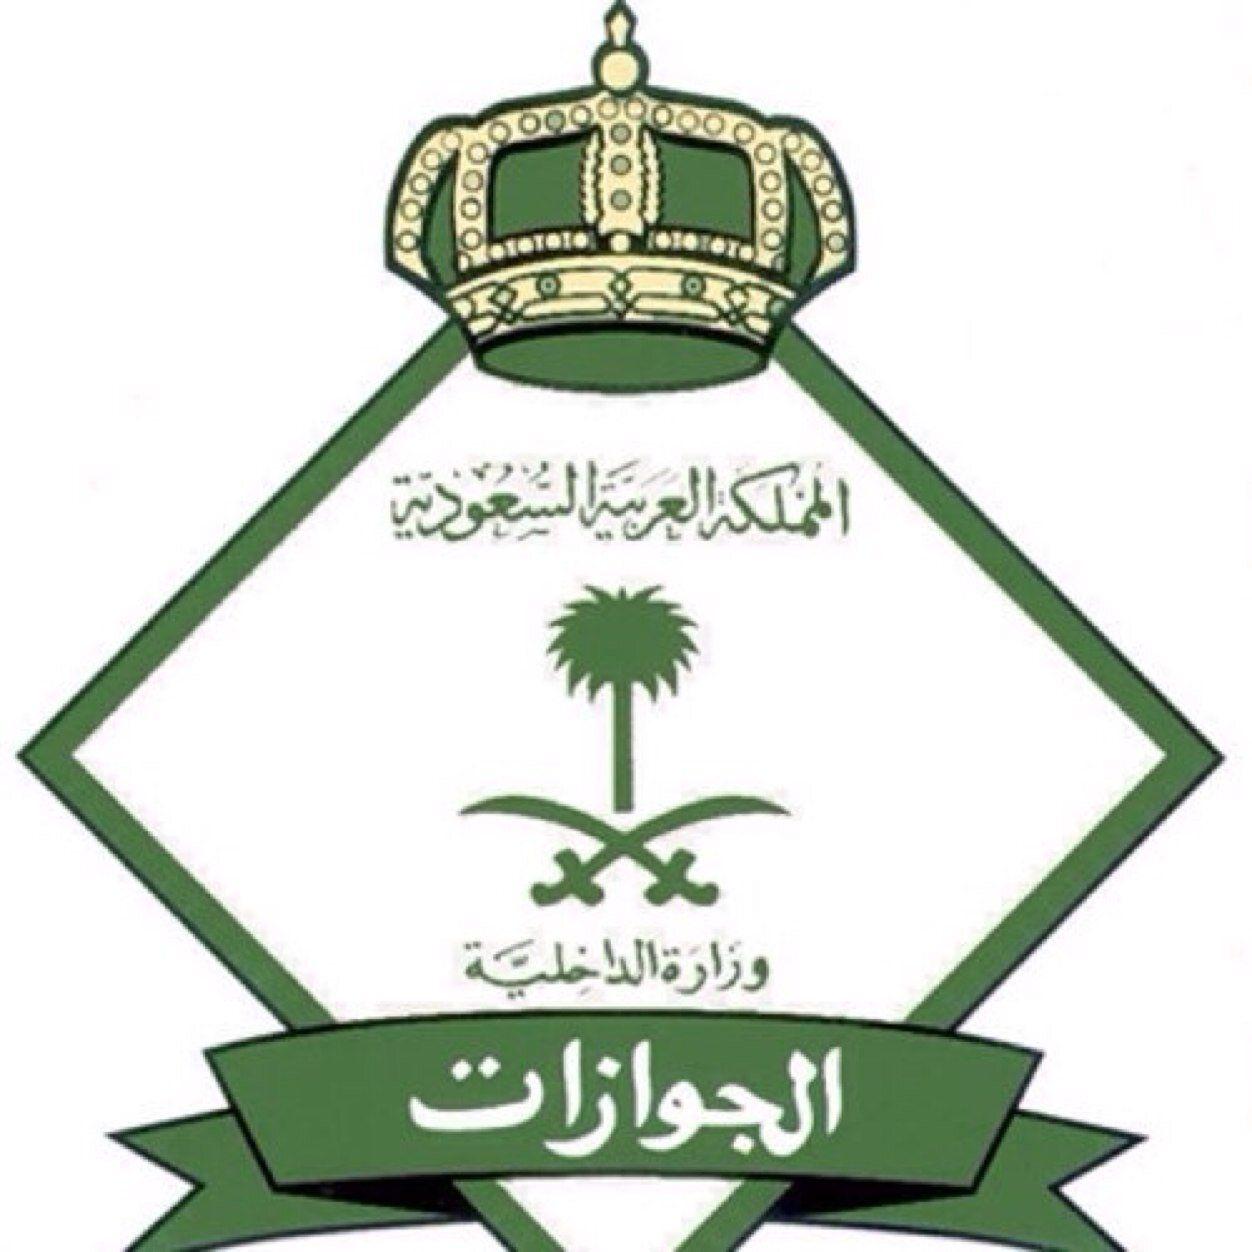 تقديم وظائف الجوازات النسائية 1439 رابط تسجيل الجوازات السعودية لرتبة جندي وزارة الداخلية أعلن قطاع المديرية الع Sweet Words Peace Symbol Novelty Christmas